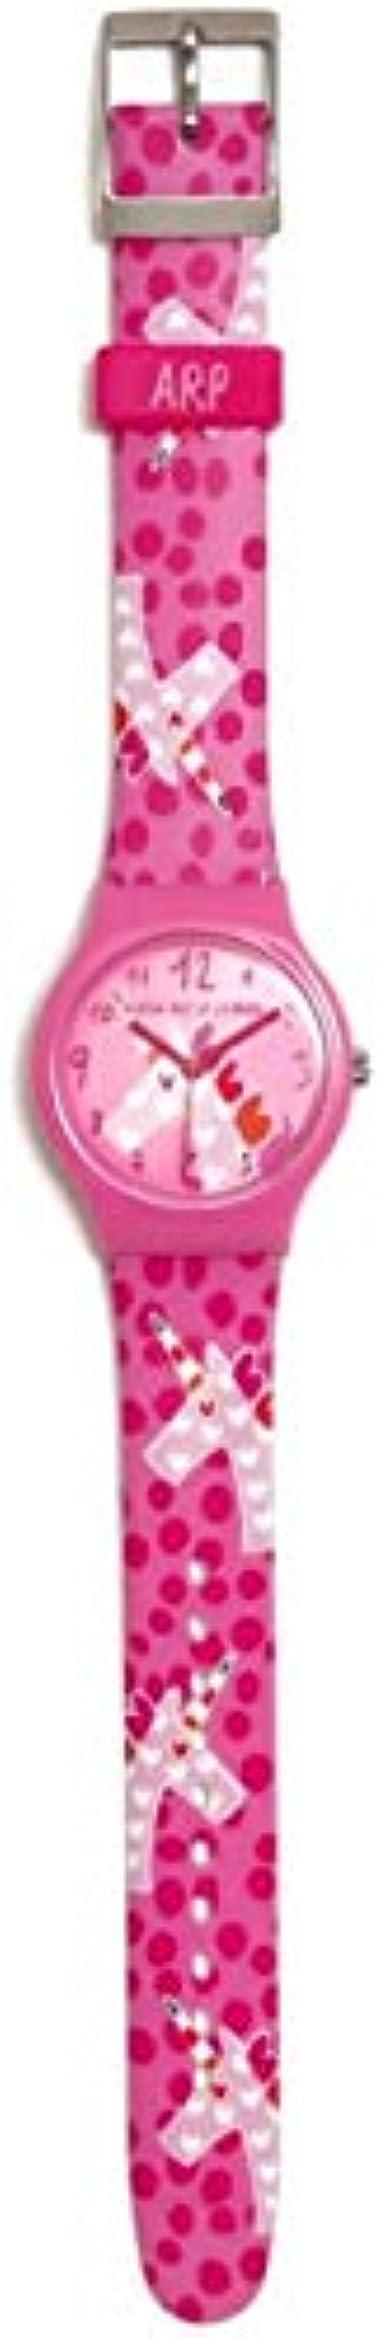 Reloj Ágatha Ruíz de la Prada AGR272 - Reloj pequeño Unicornio